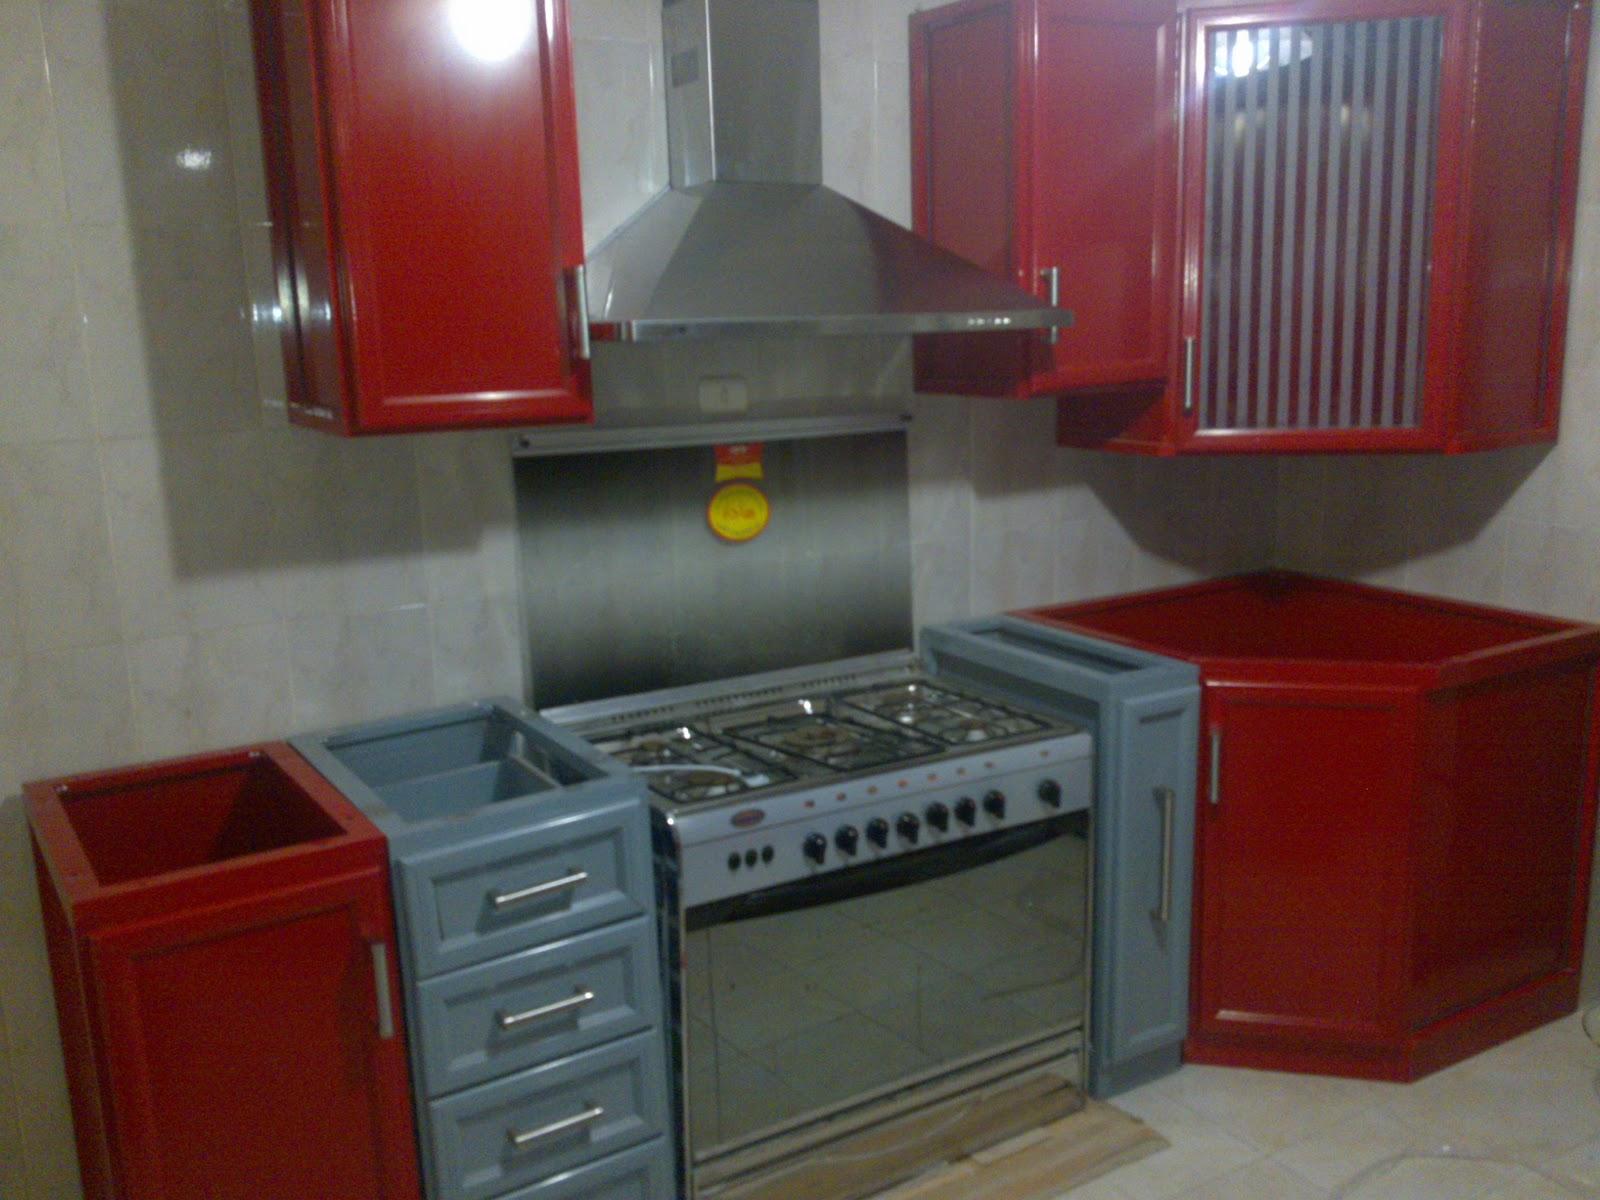 المطابخ الالومنيوم: المطبخ الالومنيوم المعدنى من الفتح للالومنيوم